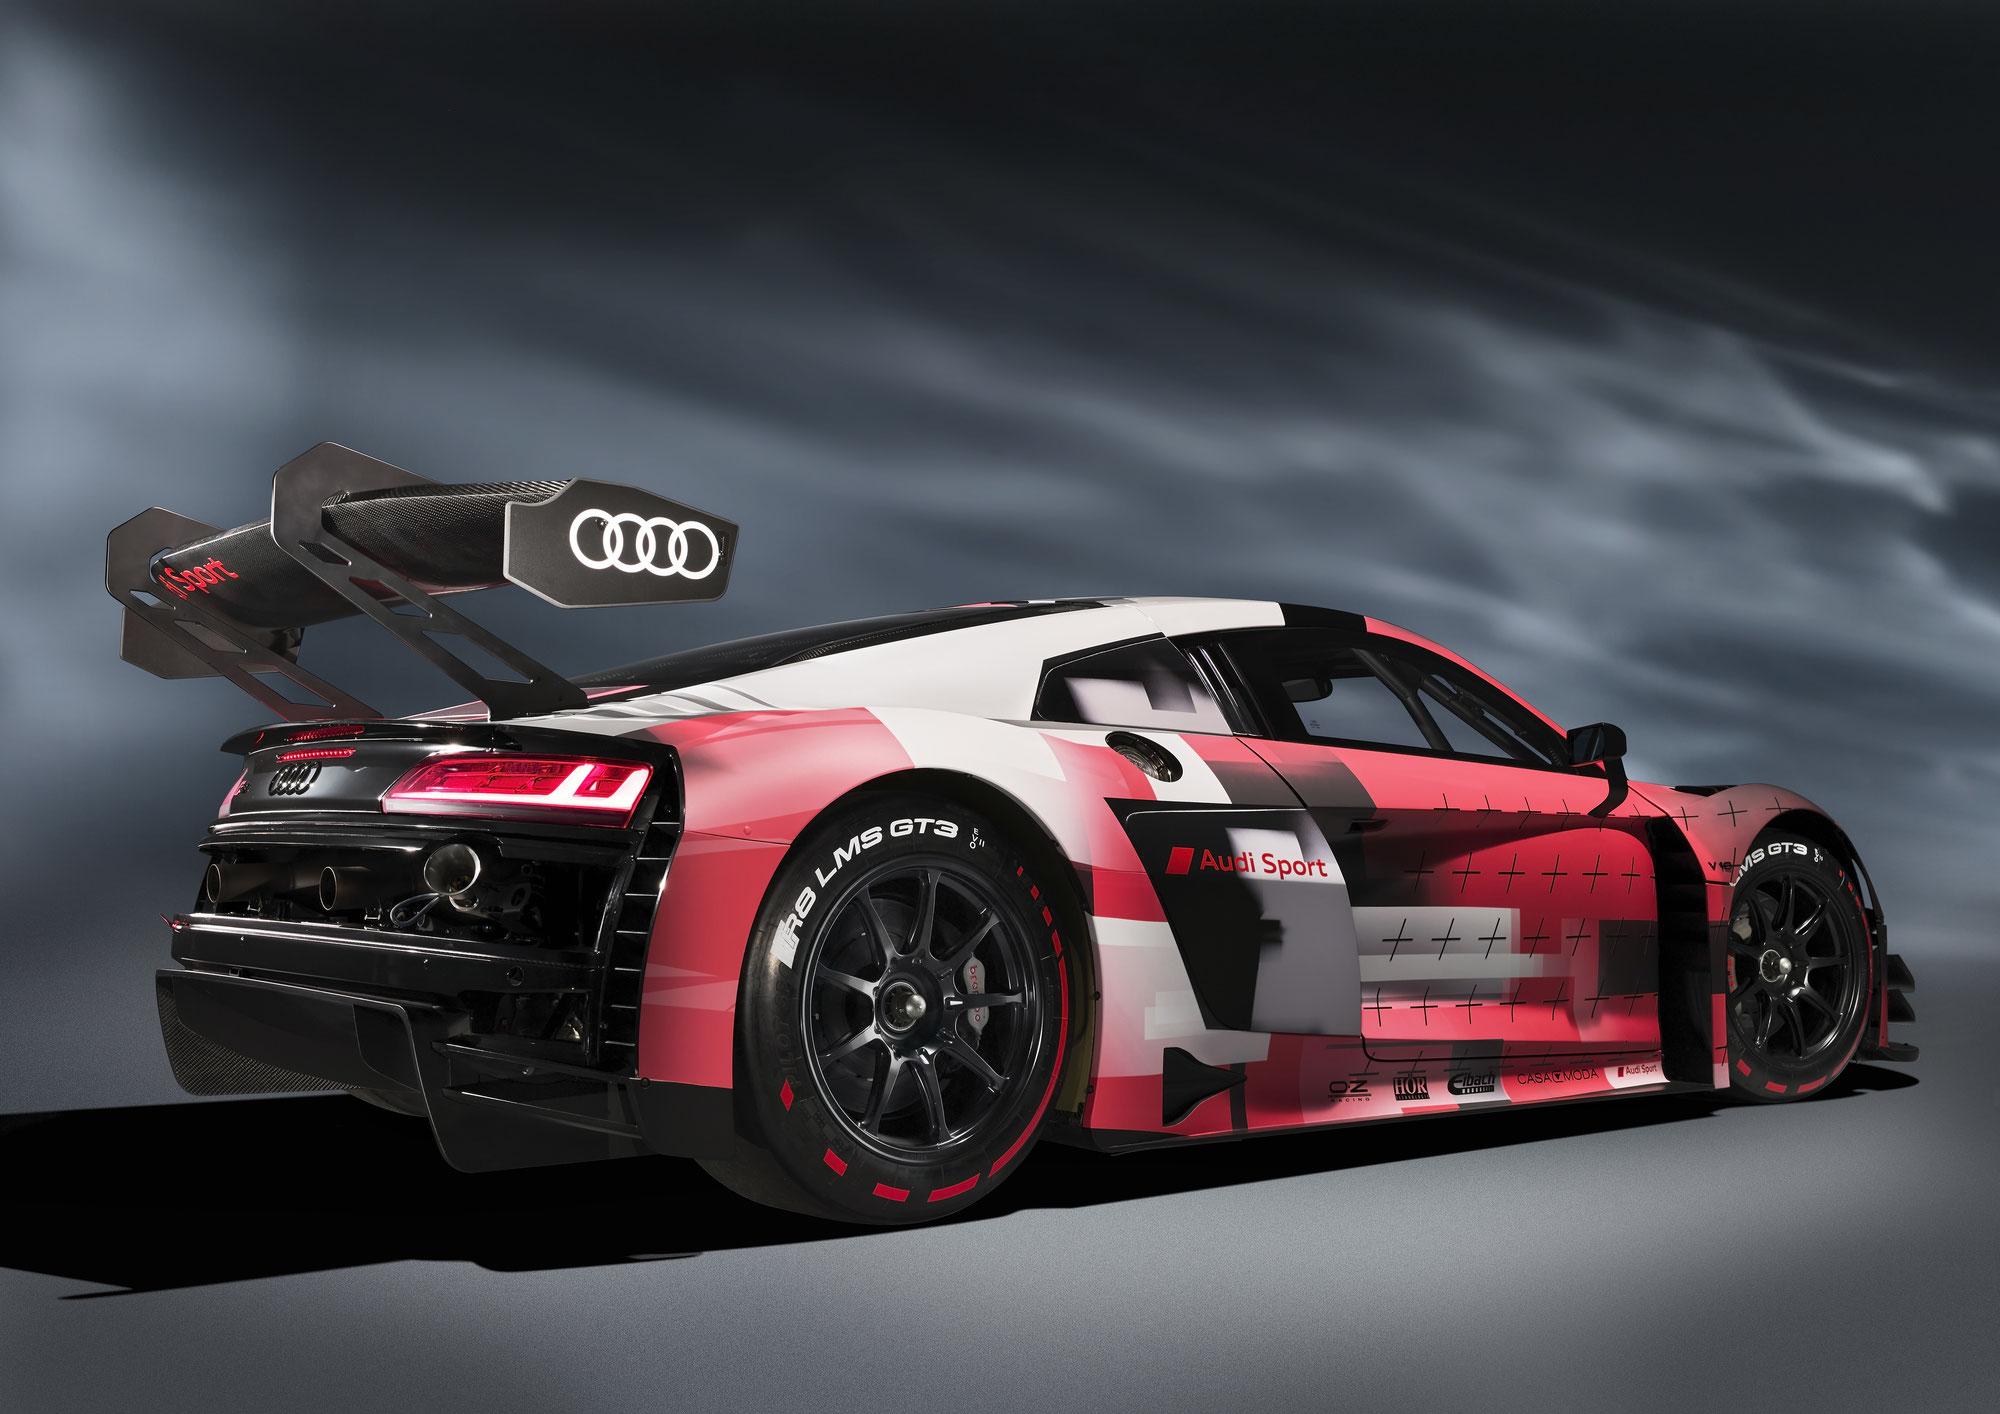 Zweite Evolutionsstufe des Audi R8 LMS GT3